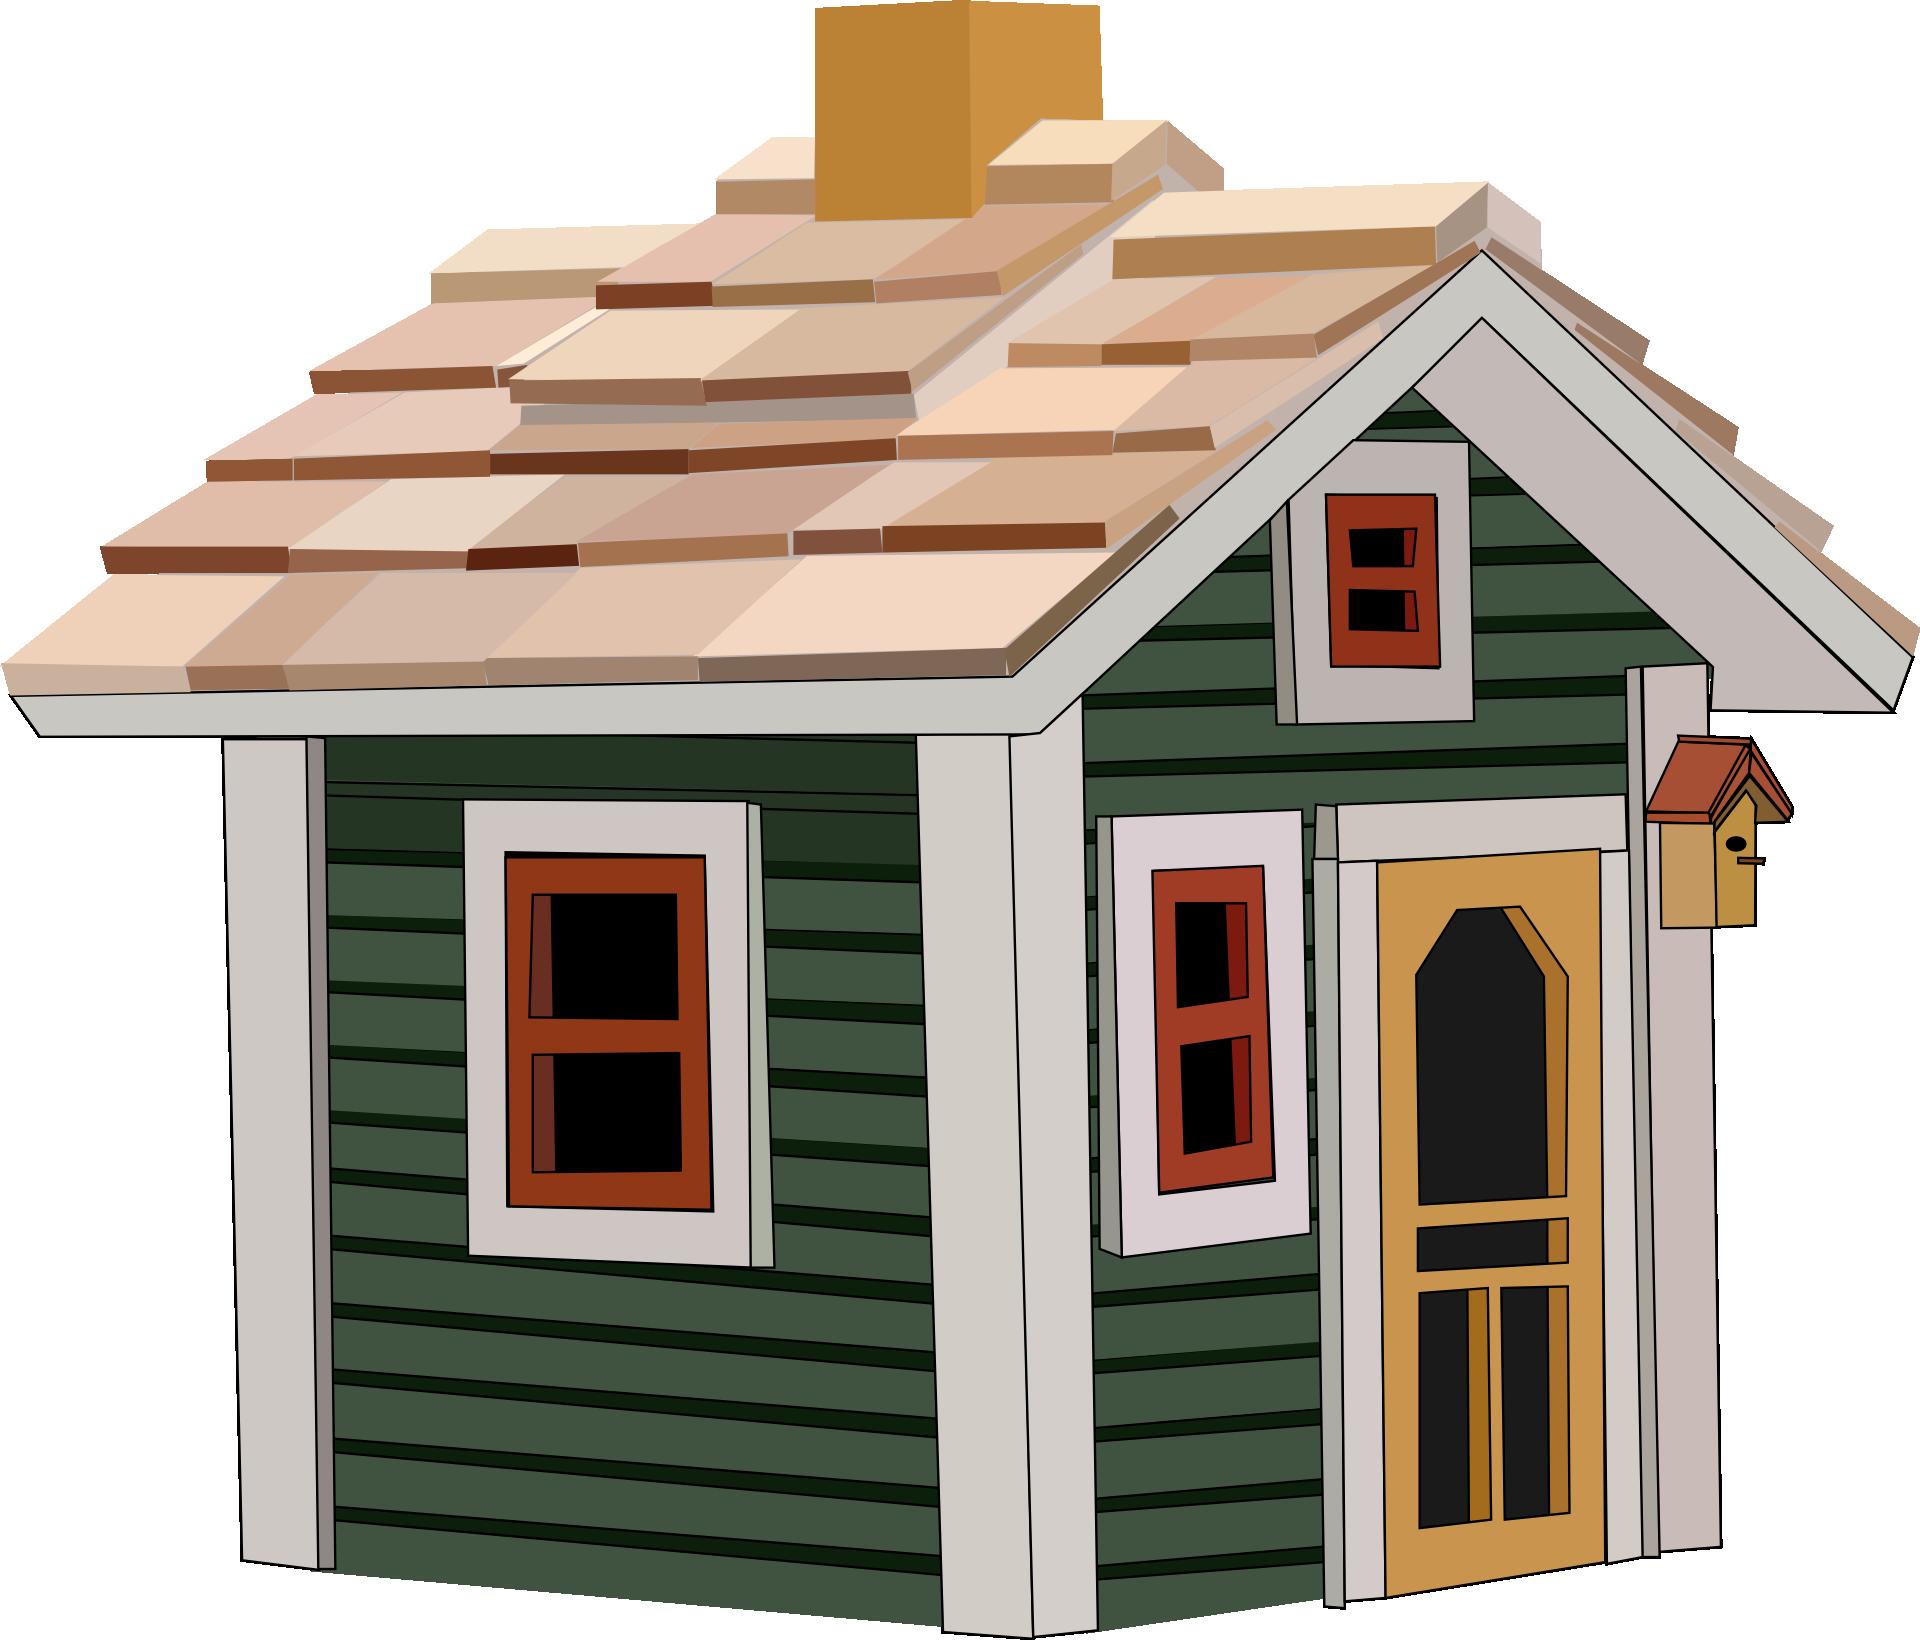 Cherche maison mode d 39 emploi maison porte ouverte for Cherche maison